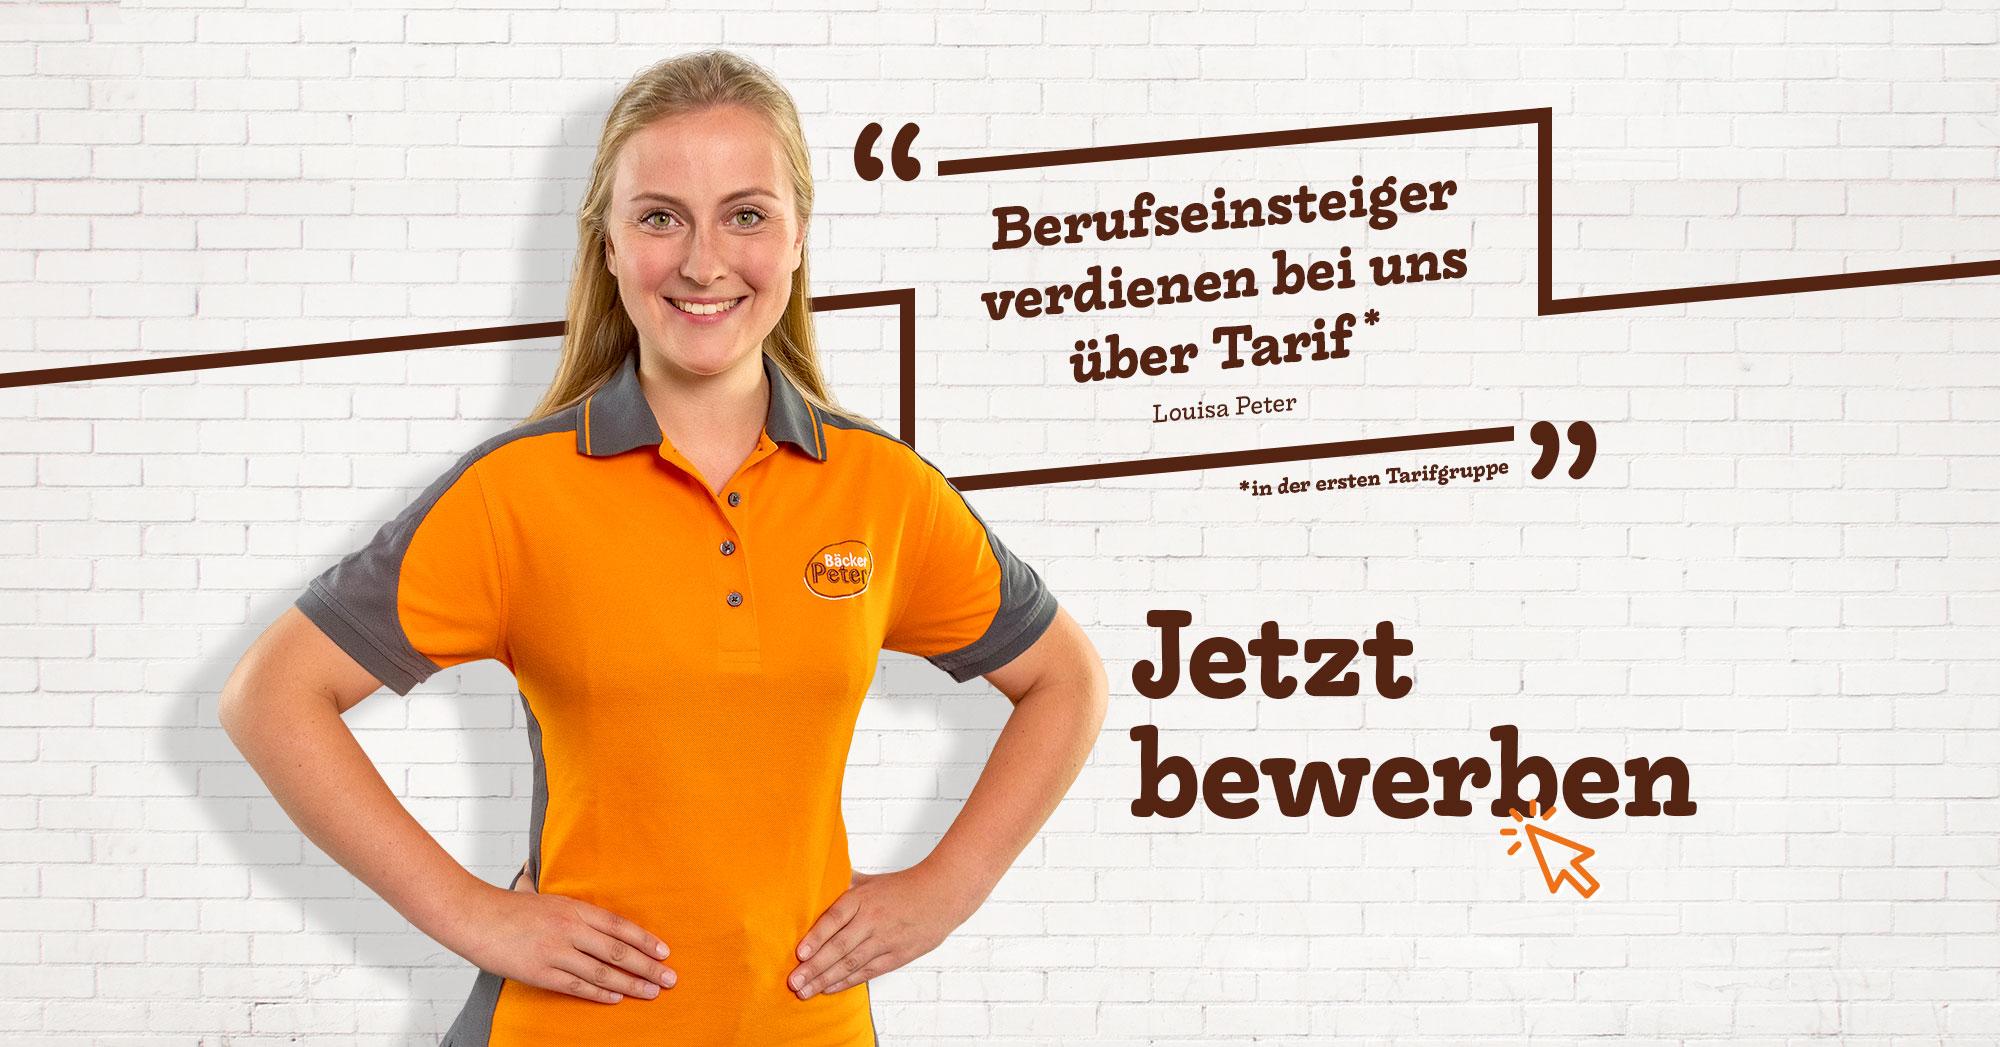 191106_Mitarbeitersuche_Web_2000x1047